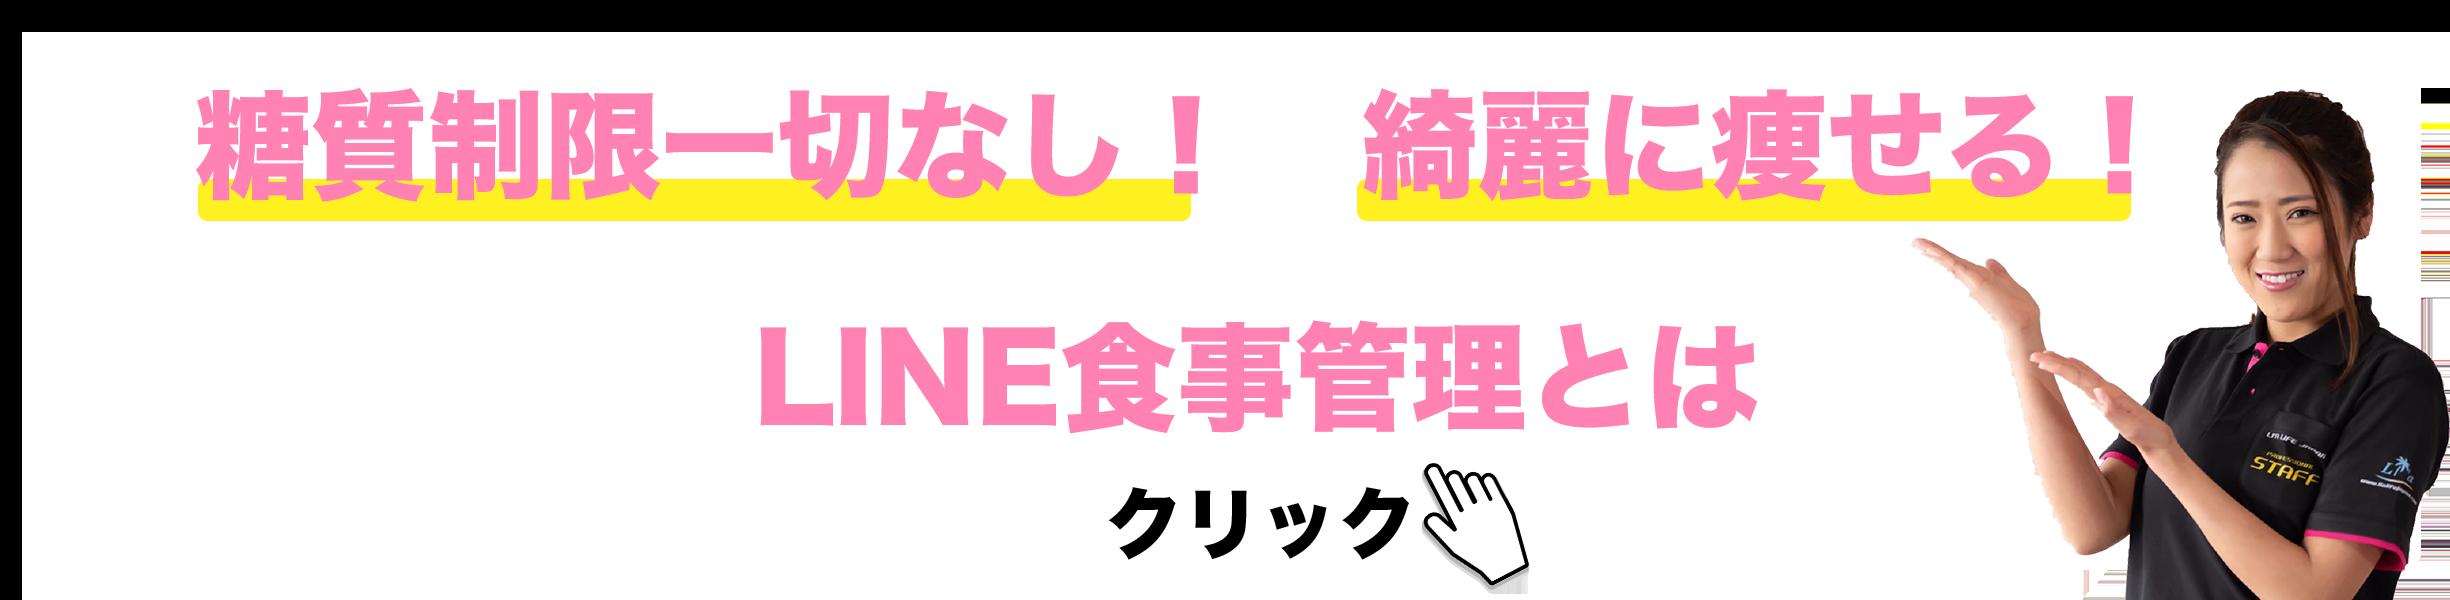 糖質制限なし 名古屋東区 パーソナルジム LINE食事管理とは